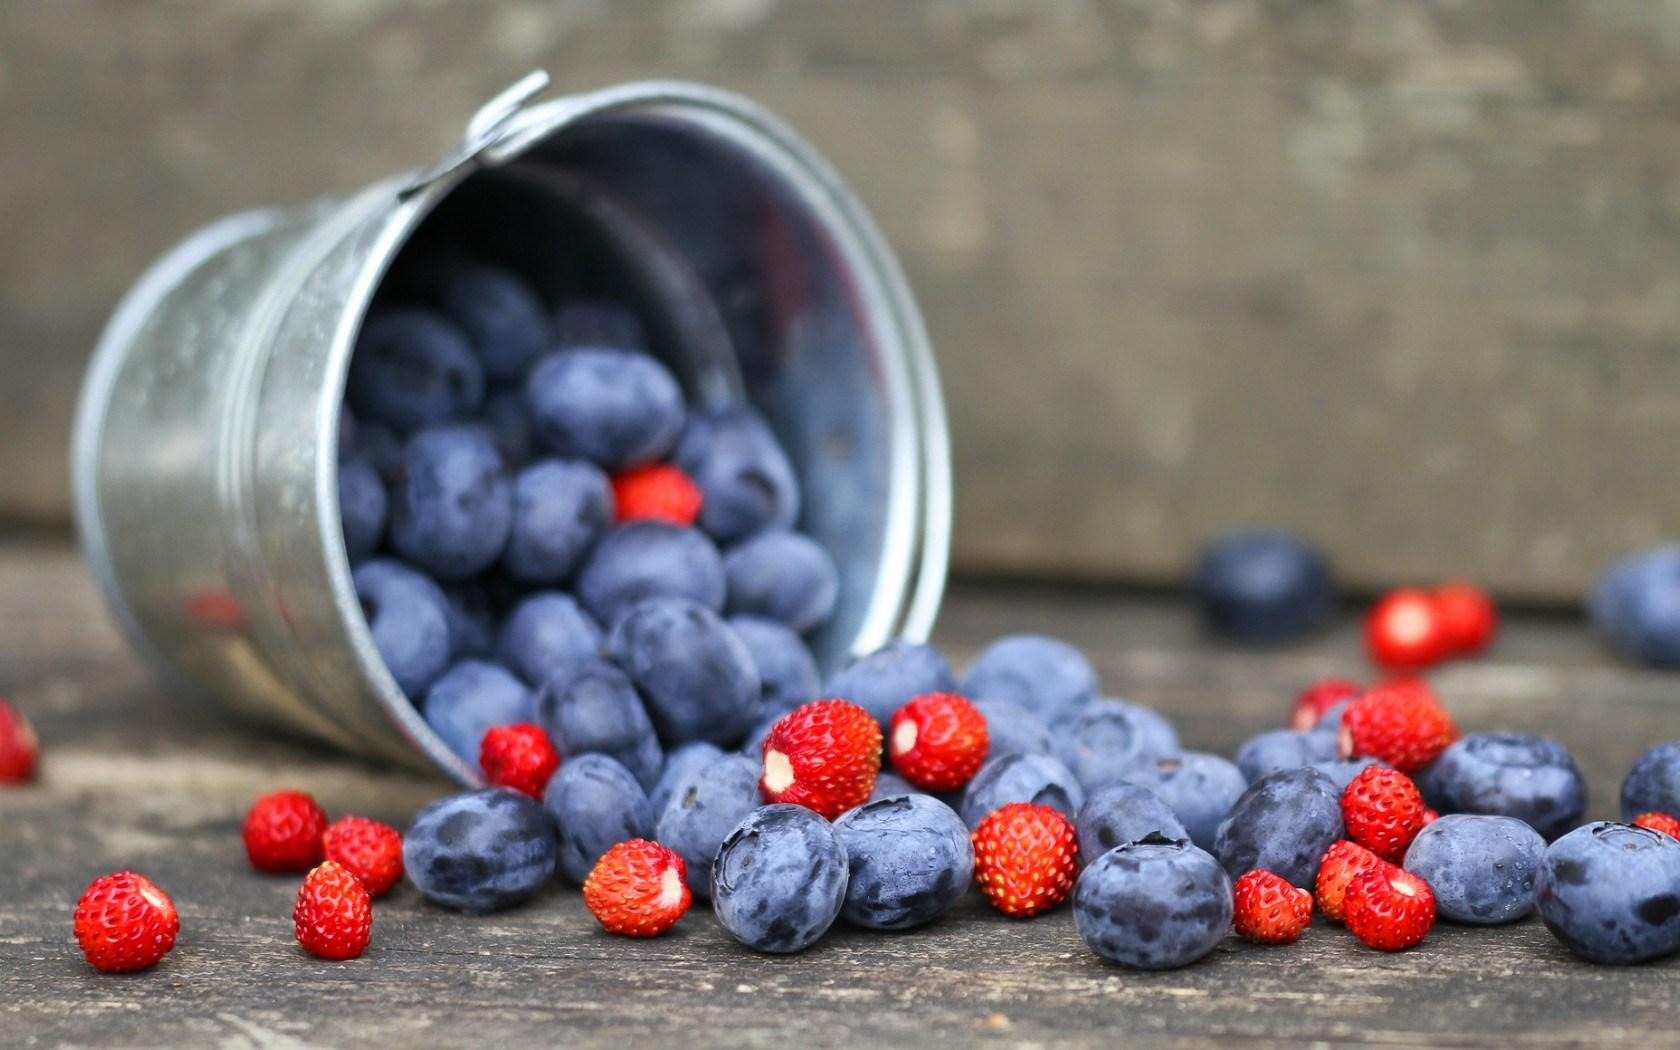 Blueberries Strawberries Berries Bucket